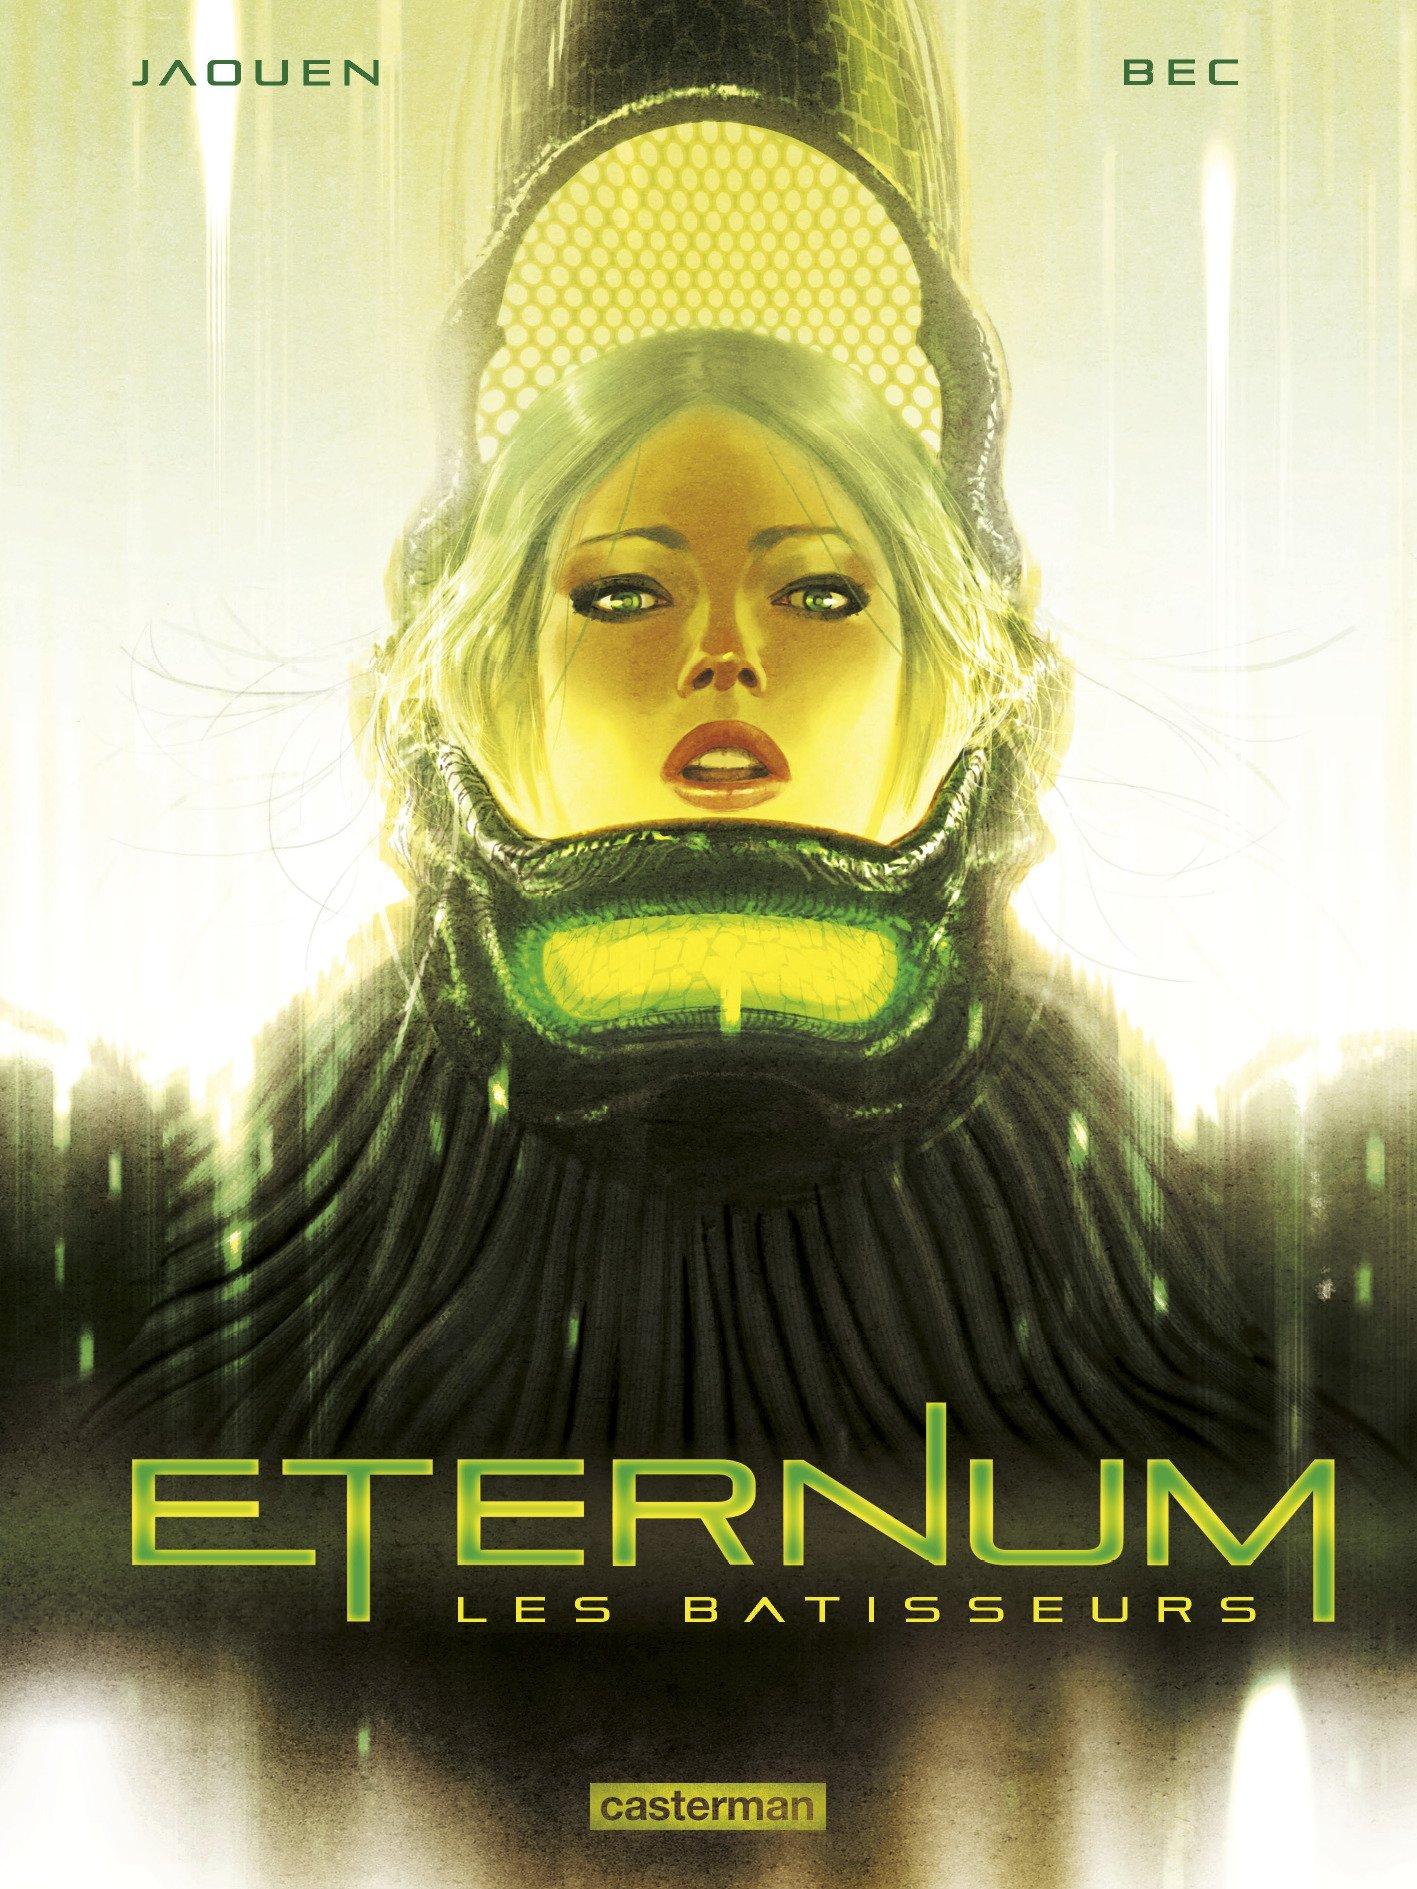 Eternum, Tome 2 : Les bâtisseurs Album – 2 novembre 2016 Jaouen Salaün Christophe Bec Casterman 2203098848